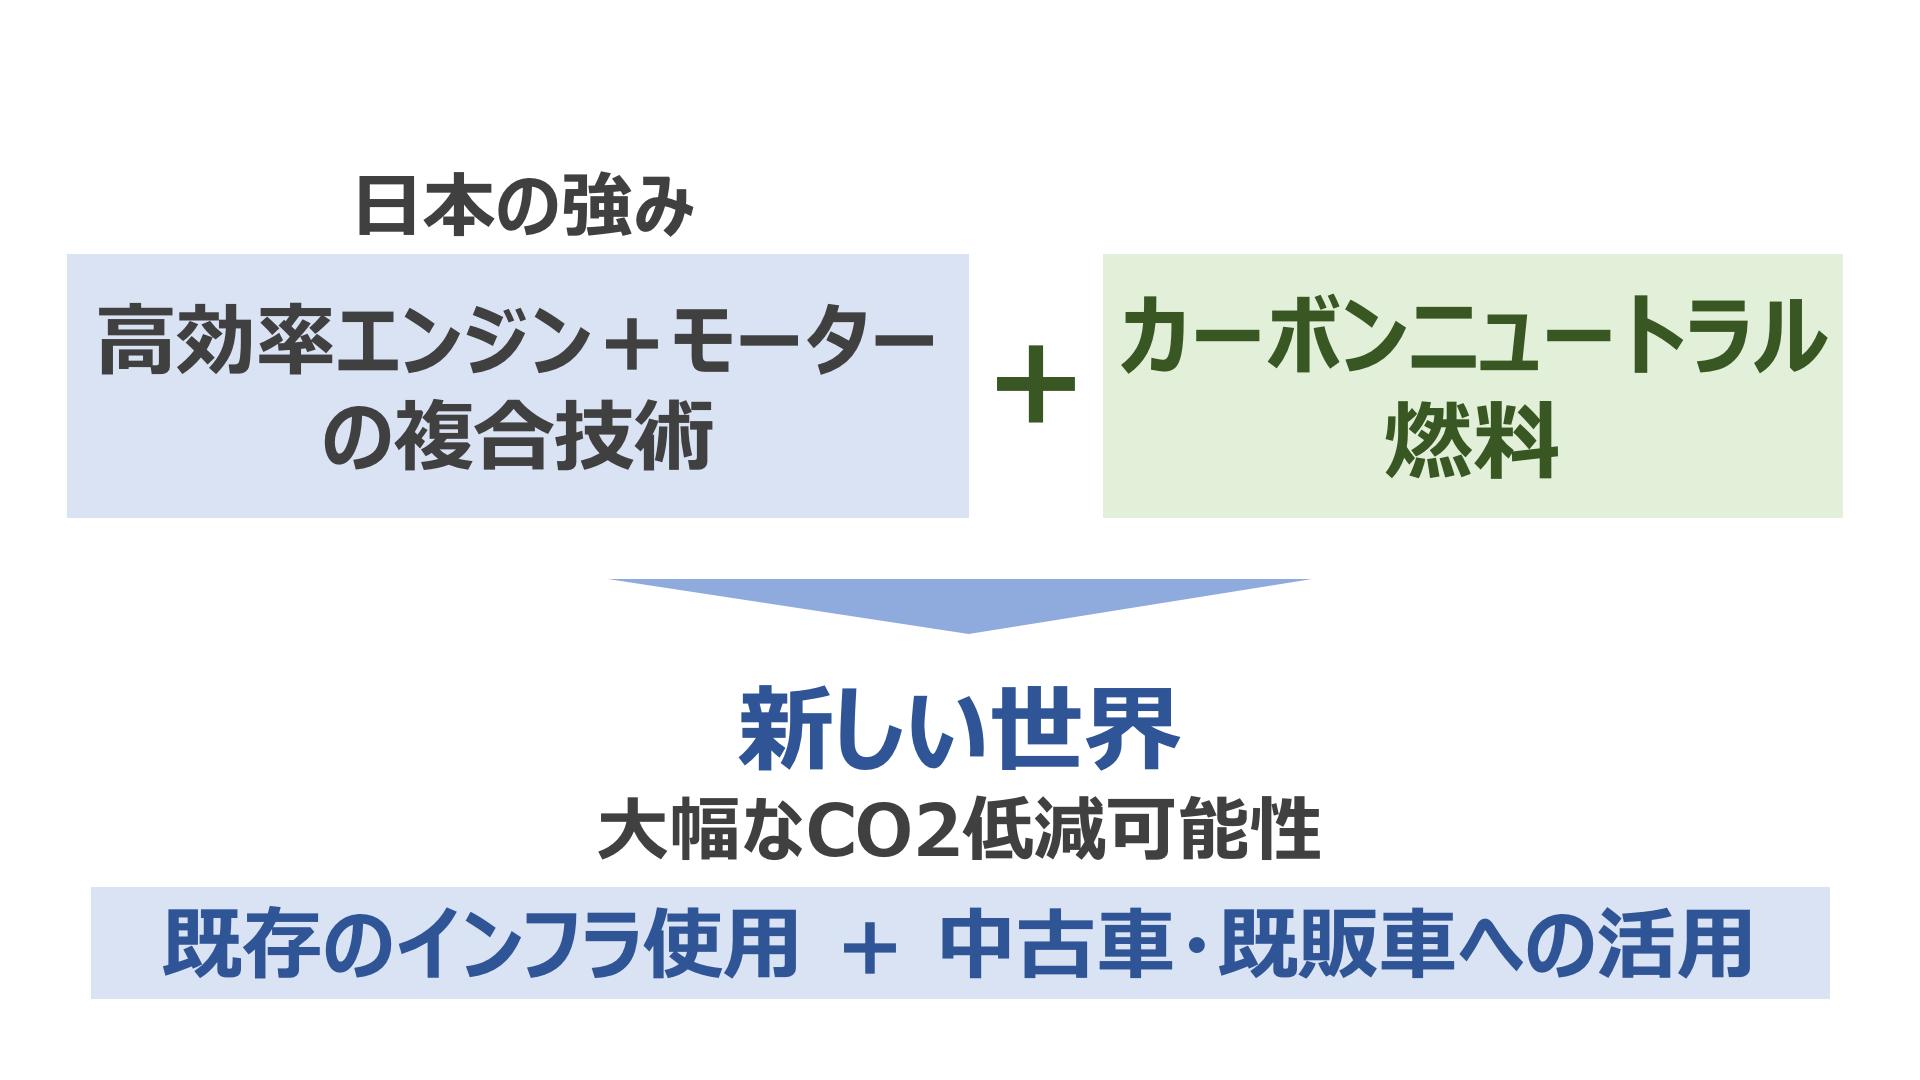 日本の強みは「複合技術」